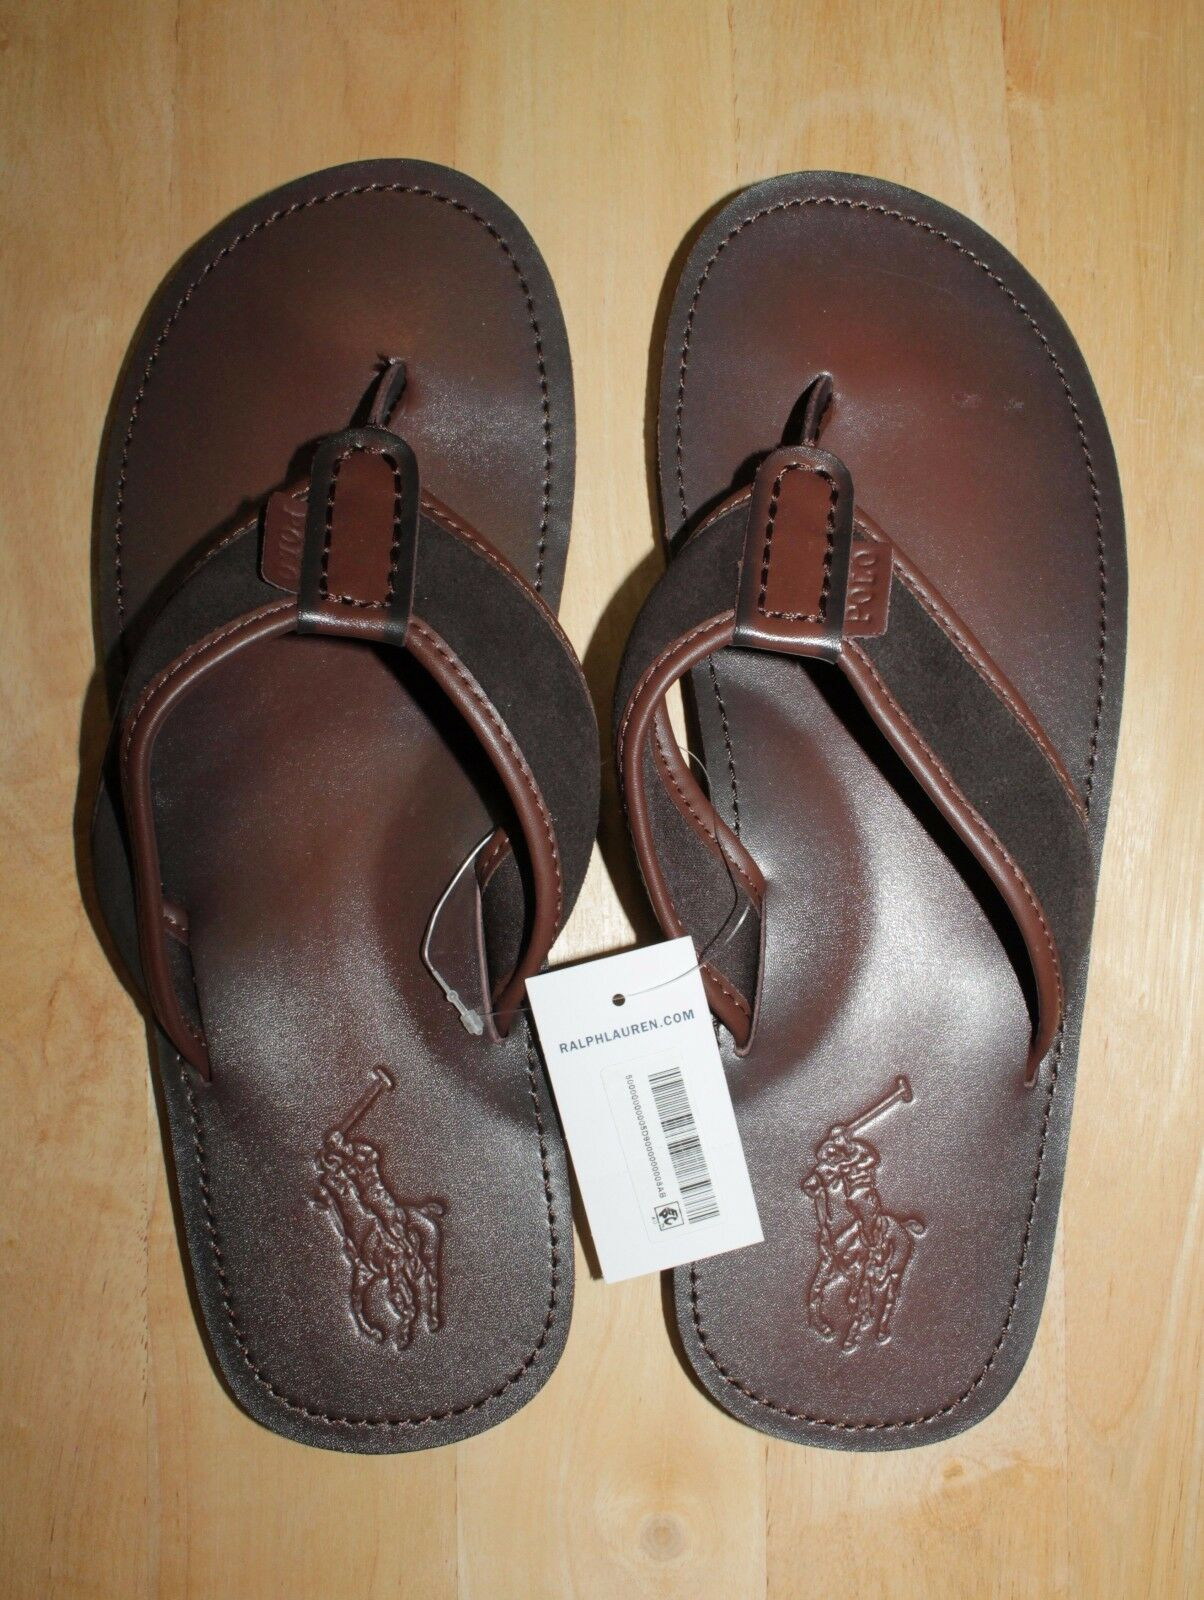 Hombre leather flip flops Talla 12 12 Talla 5b6fab